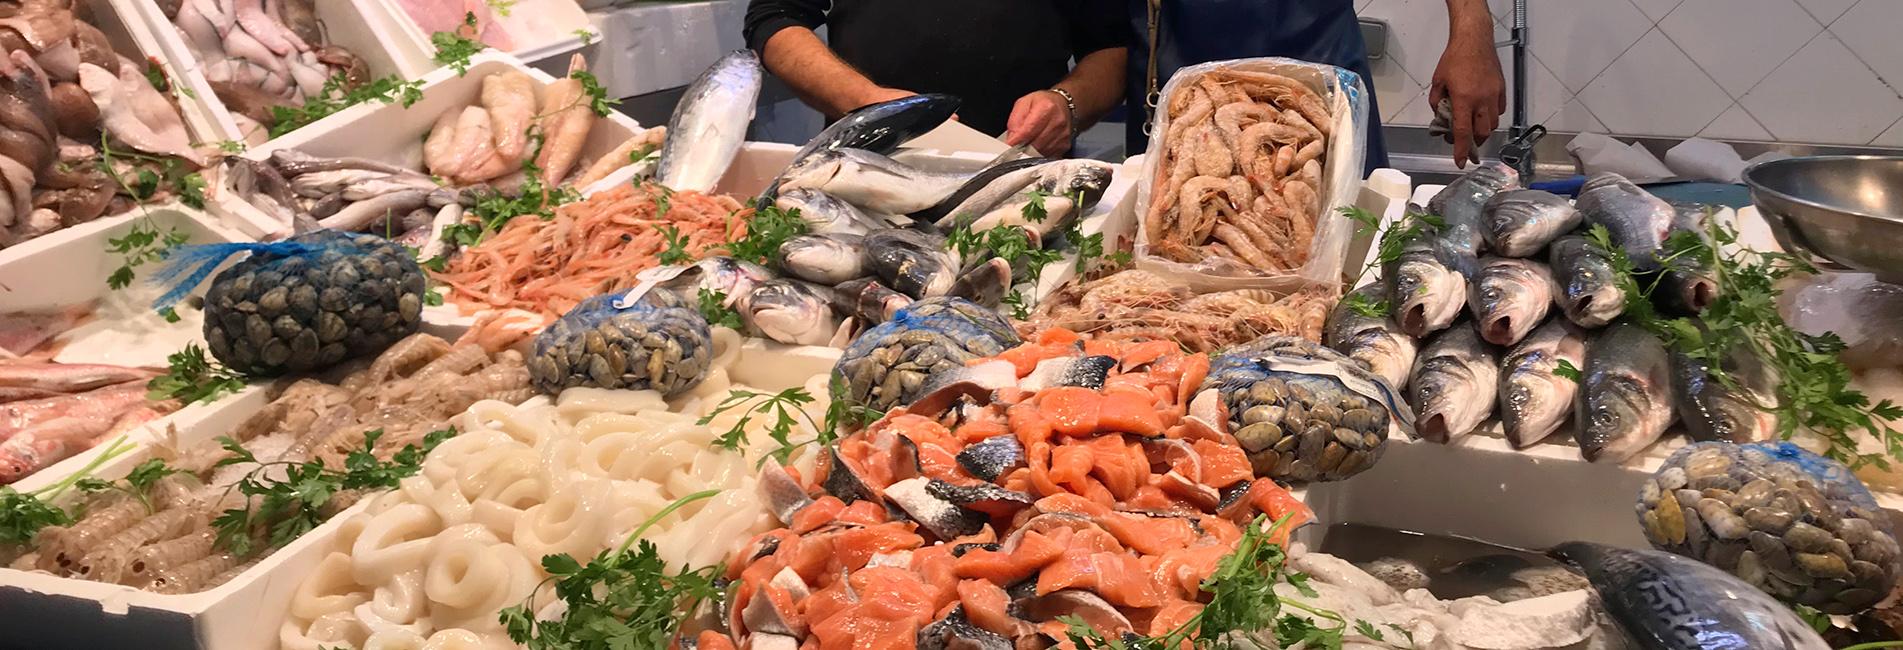 004_mercado_pescado